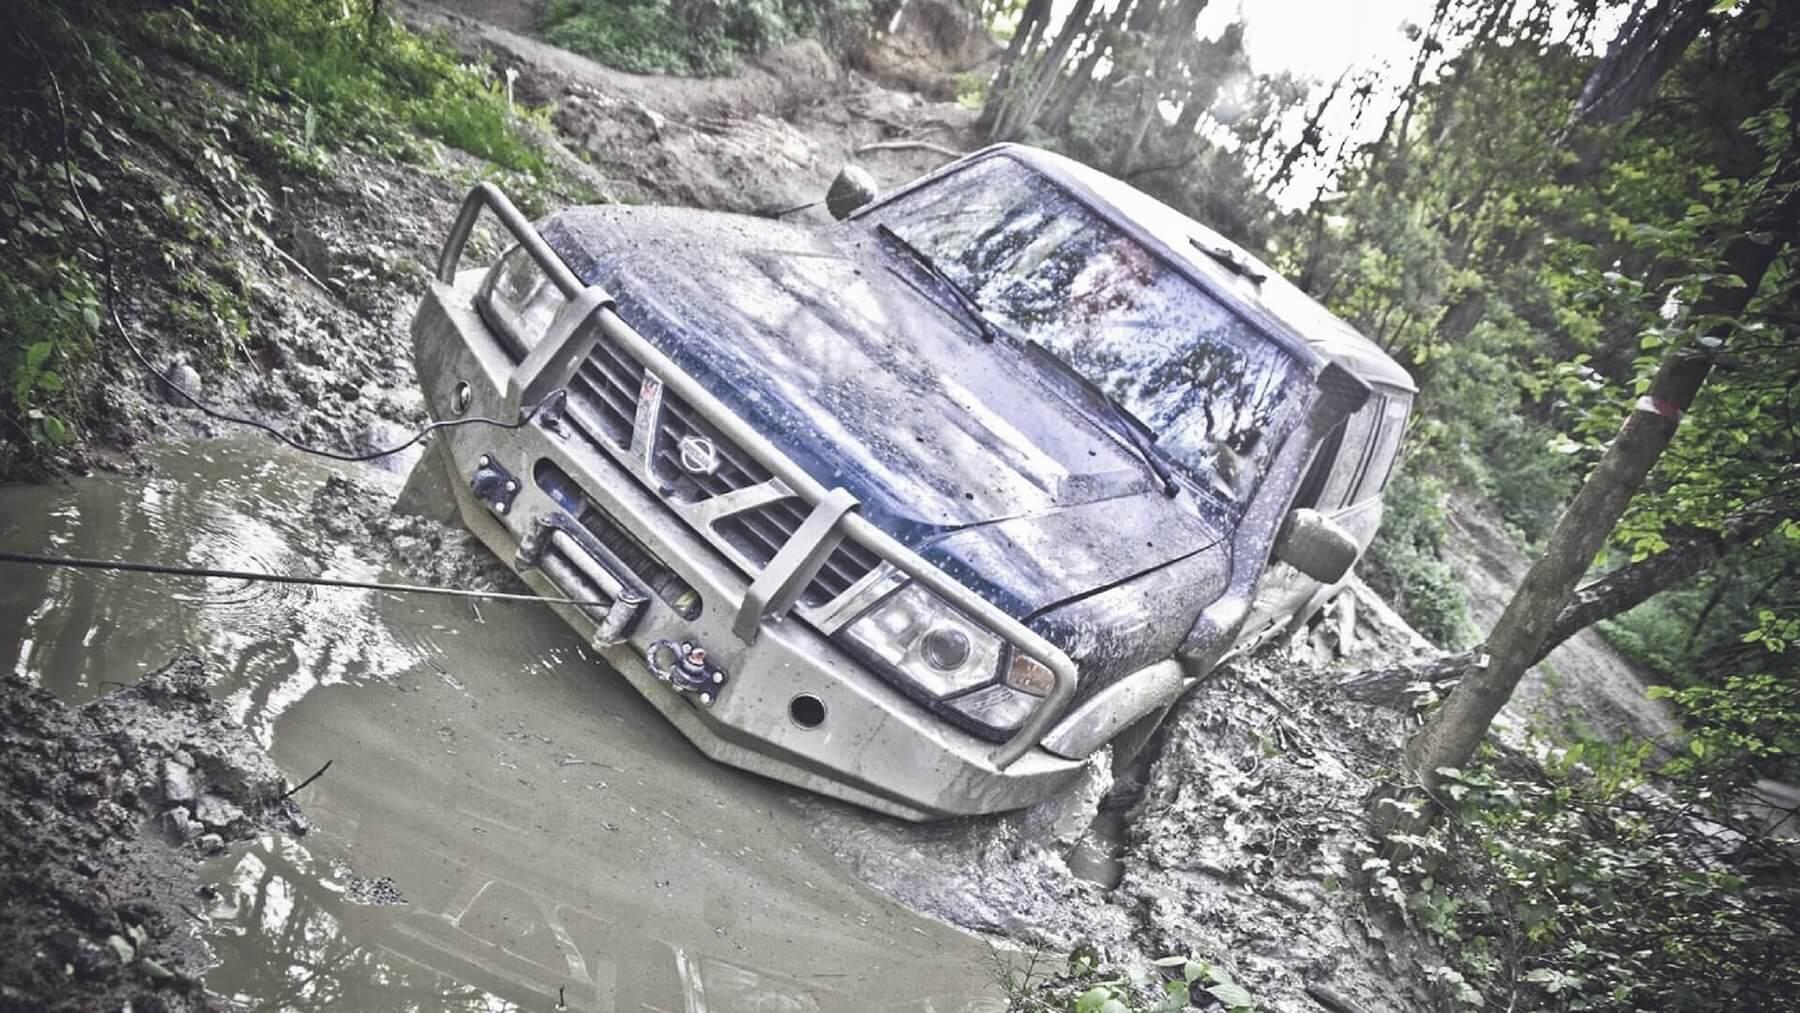 Jazda off-road w trudnym terenie